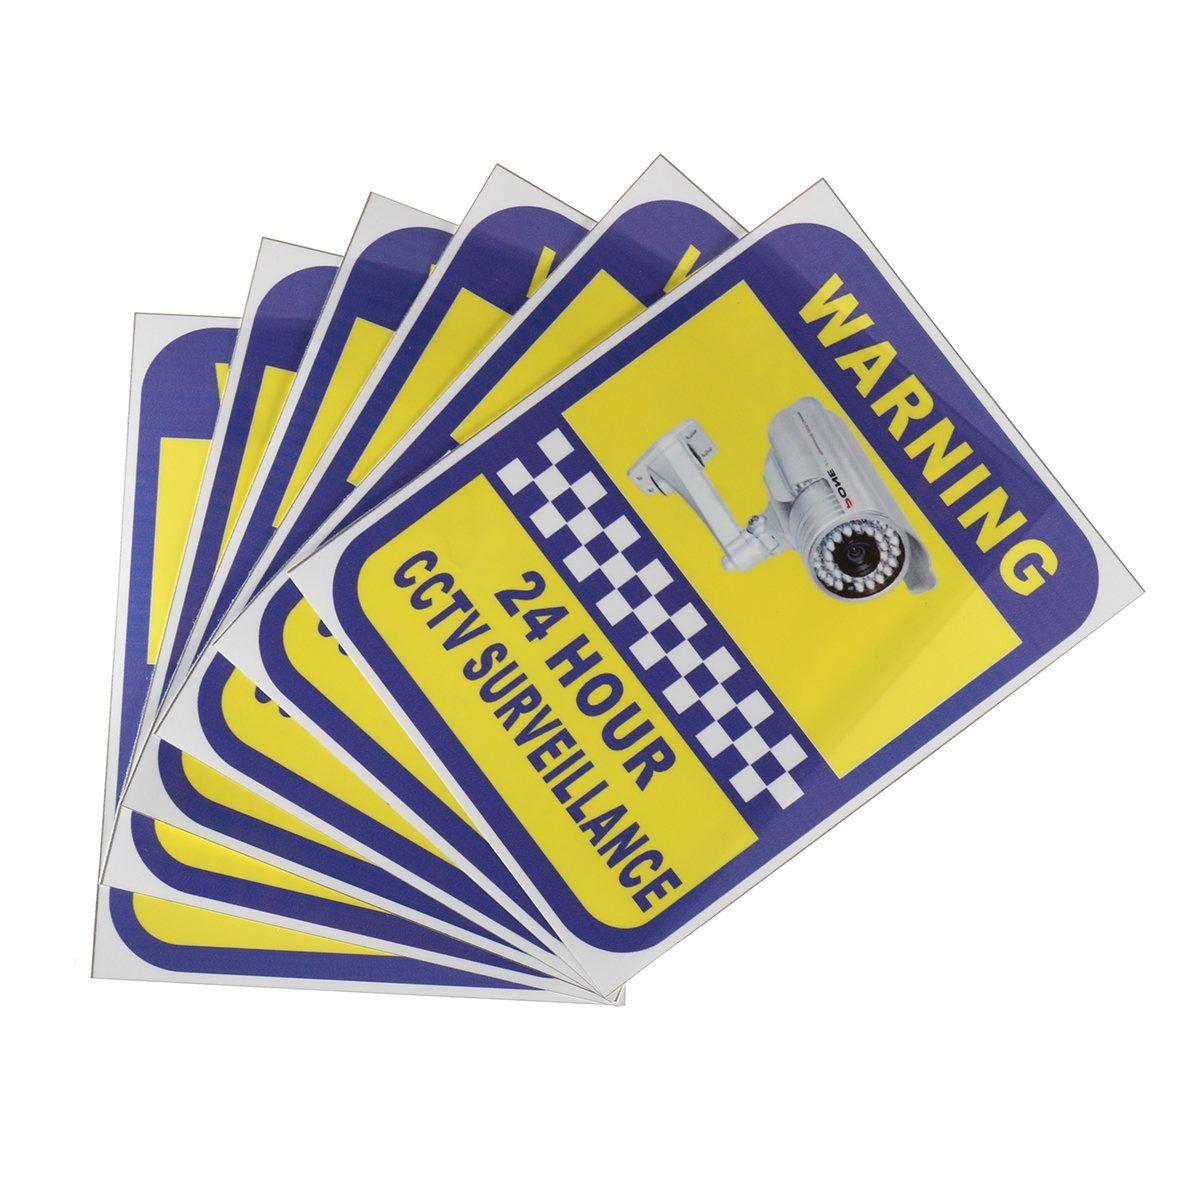 NEUE Safurance 6 Paket Hause Cctv-überwachung Überwachungskamera Video Aufkleber Warnung Aufkleber Zeichen Sicherheit